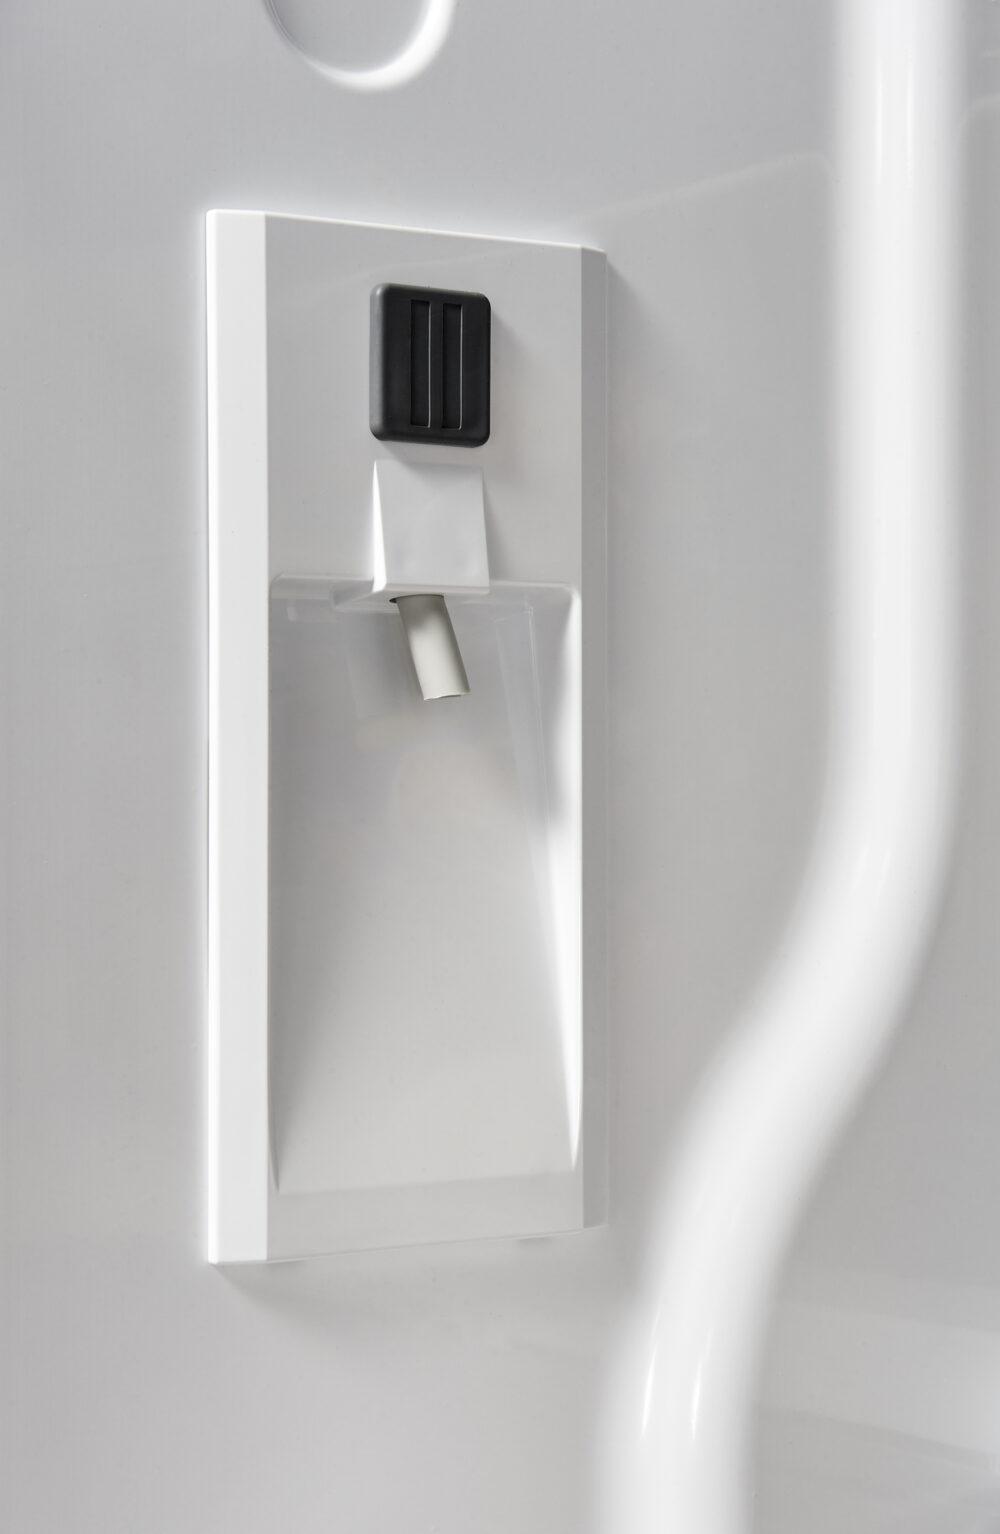 22569 - fridge - PNE25NMLKES - dispenser